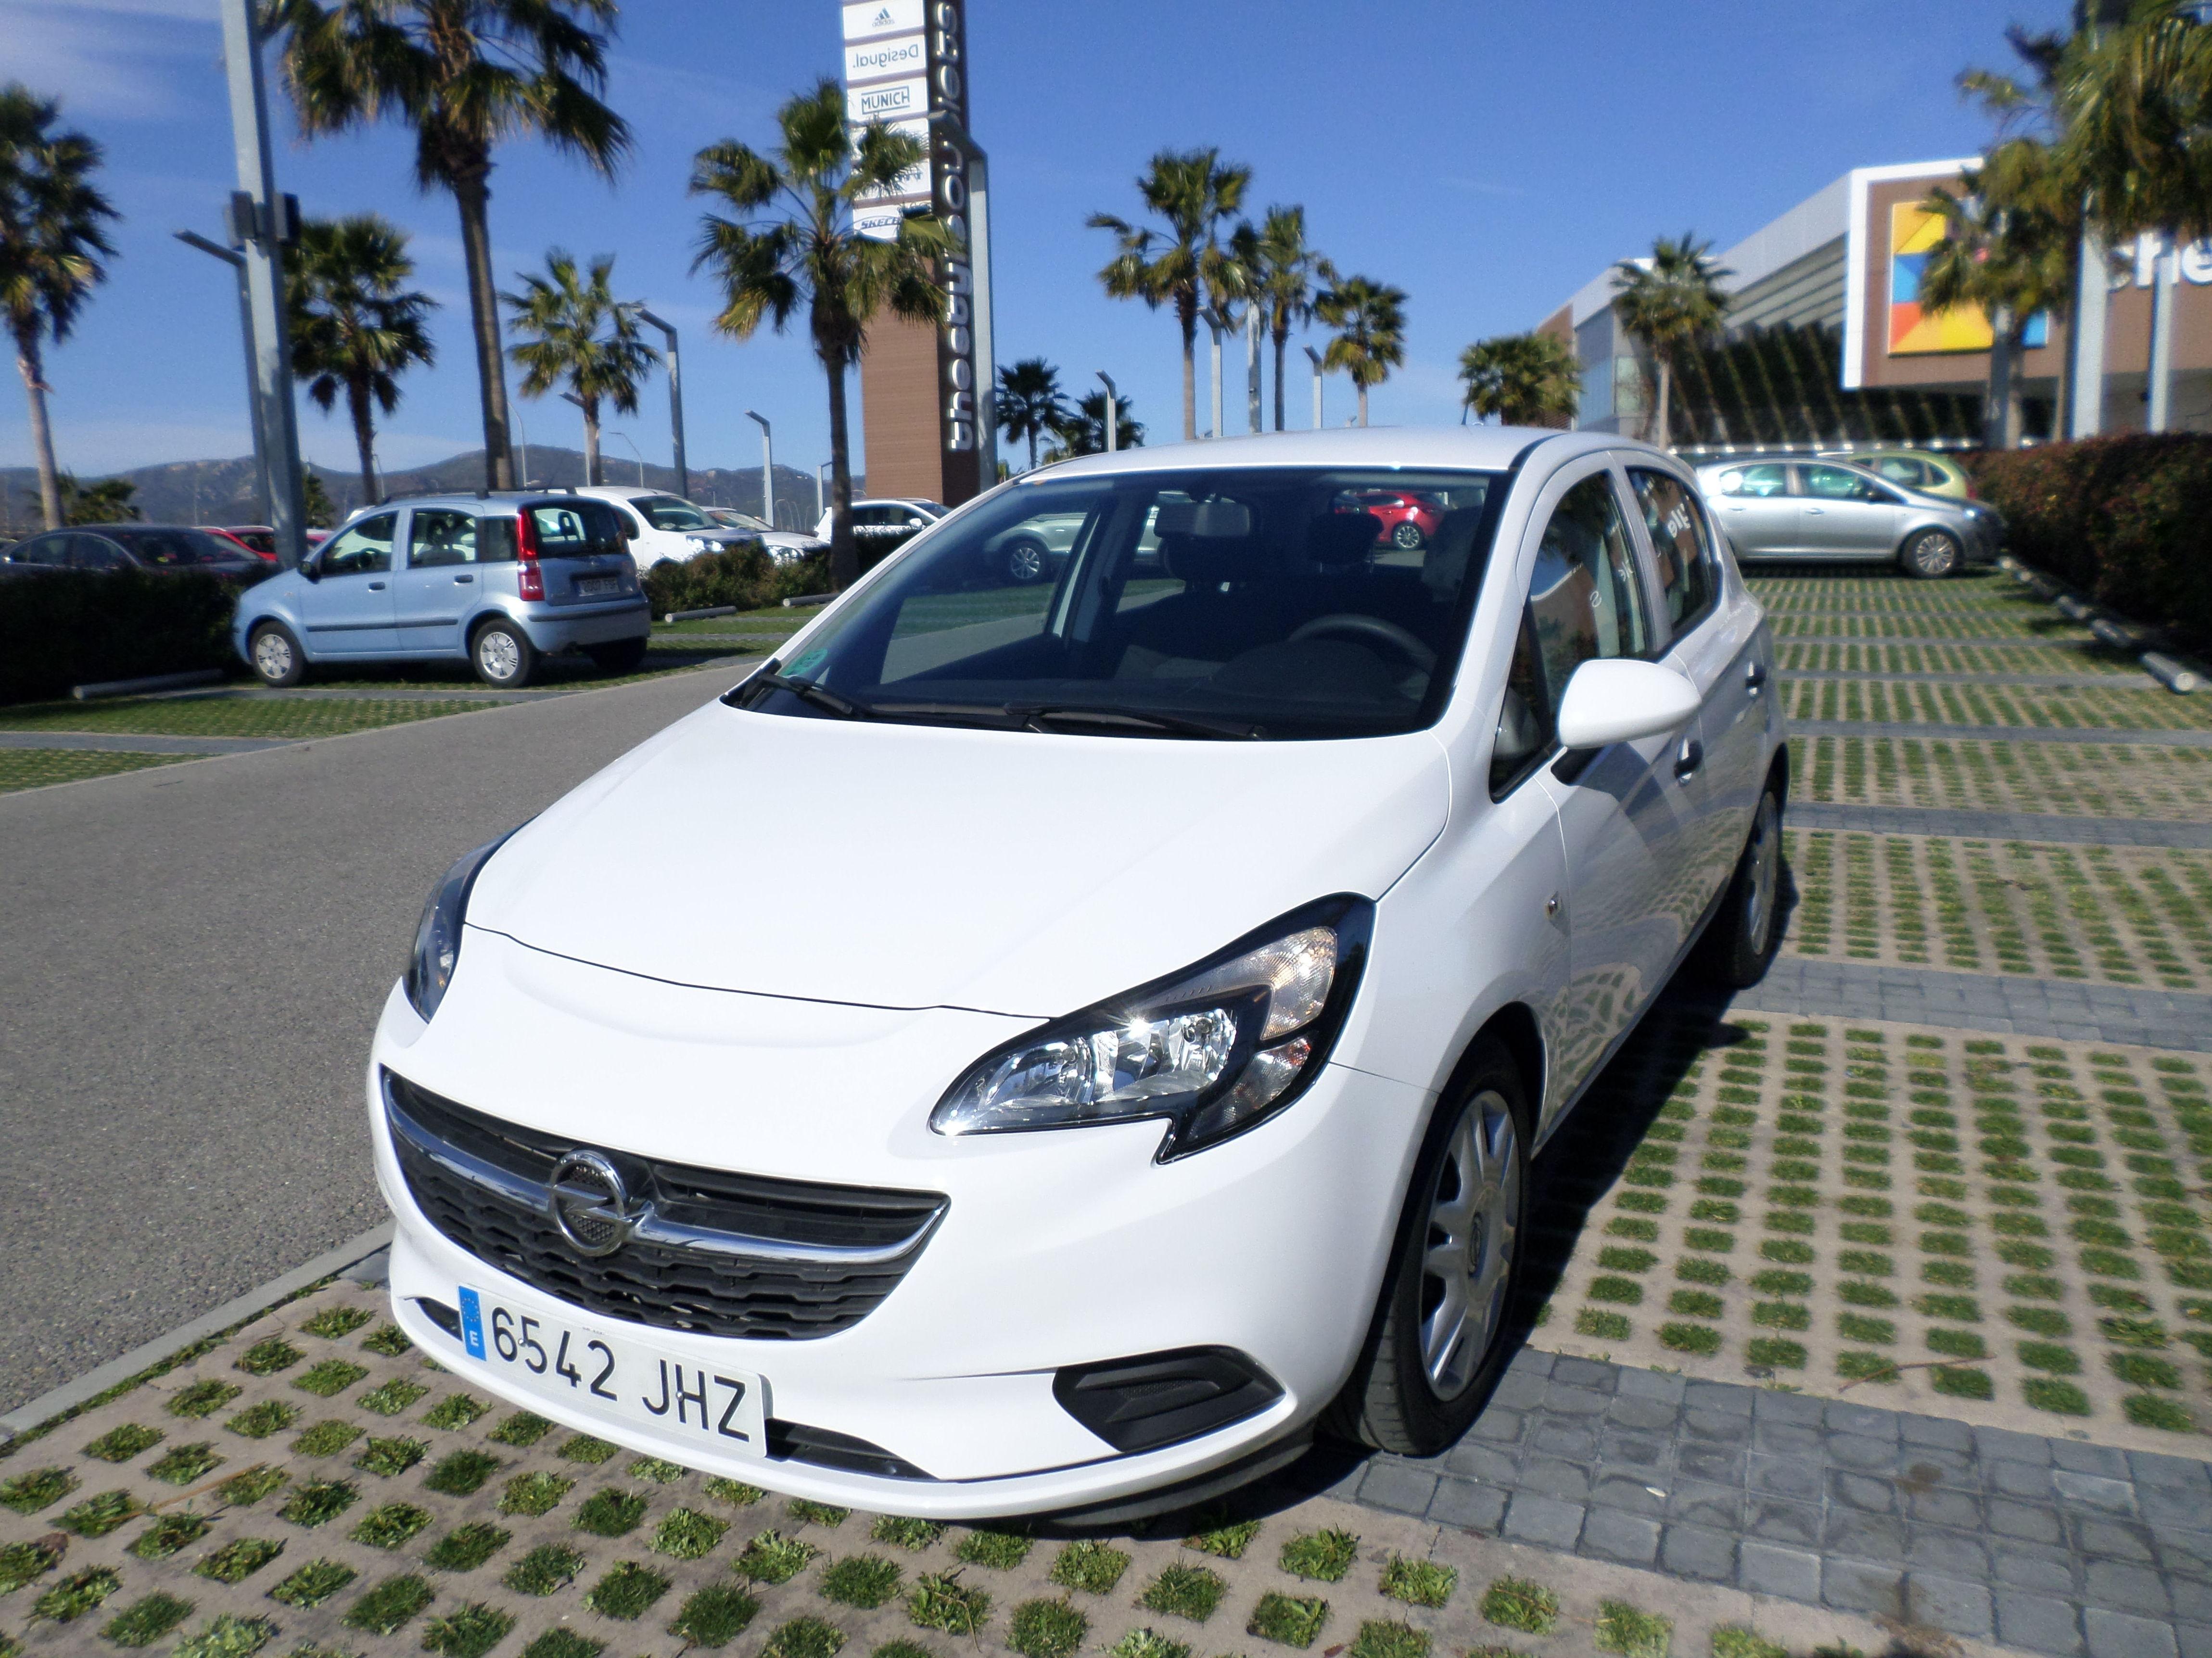 Opel Corsa 1.4 75cv año 2015 5400 kms: Servicios de reparación  de Automóviles y Talleres Dorado